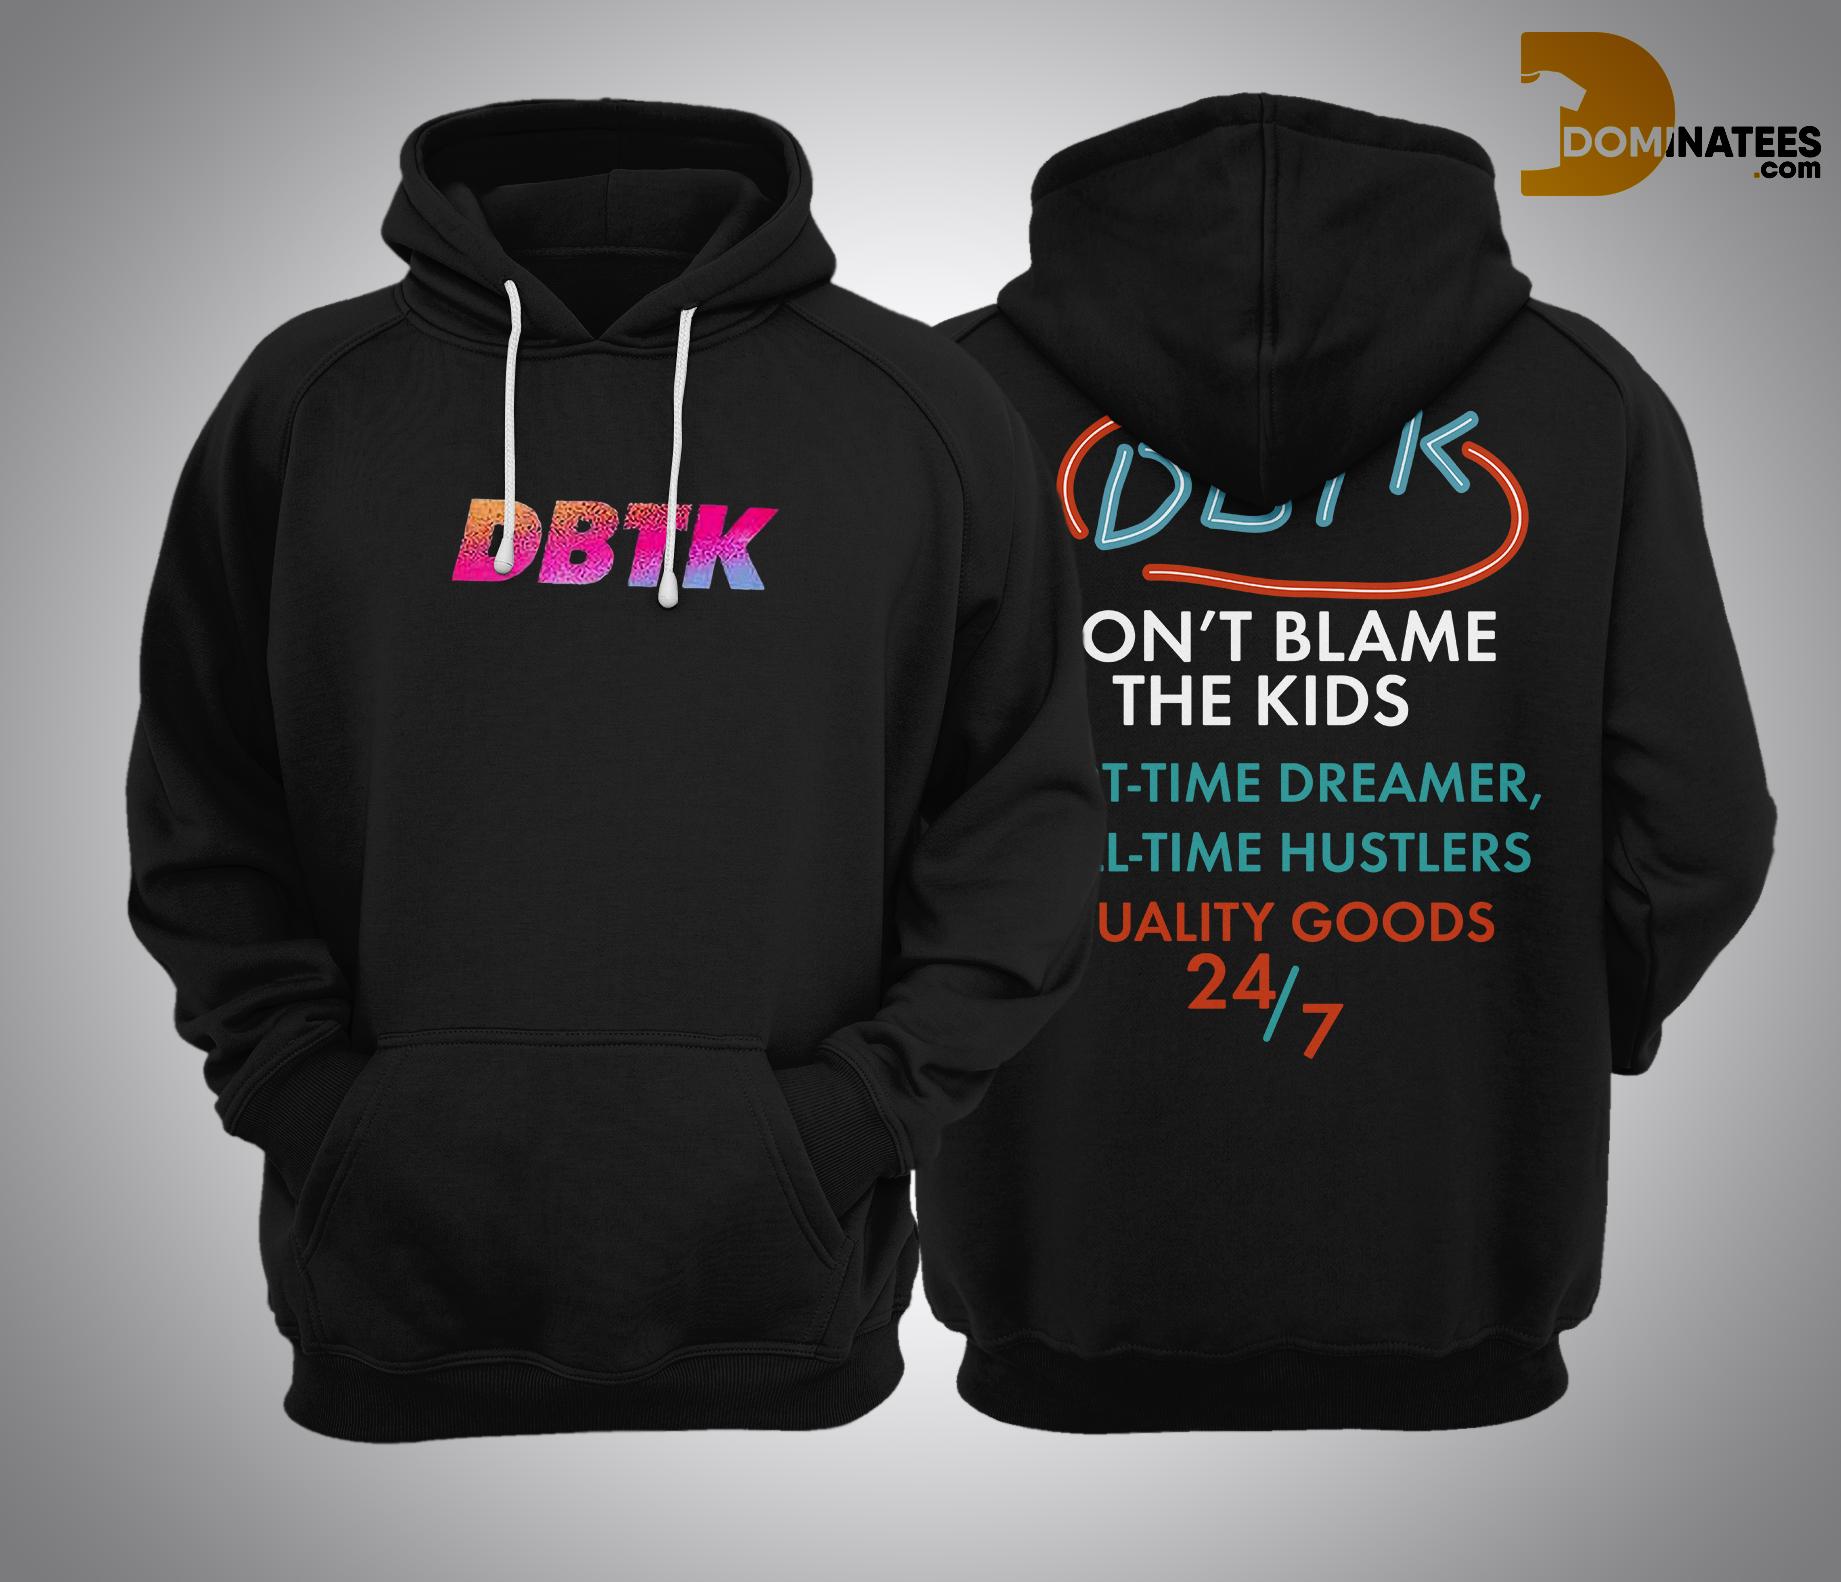 DBTK Don't Blame The Kids Hoodie